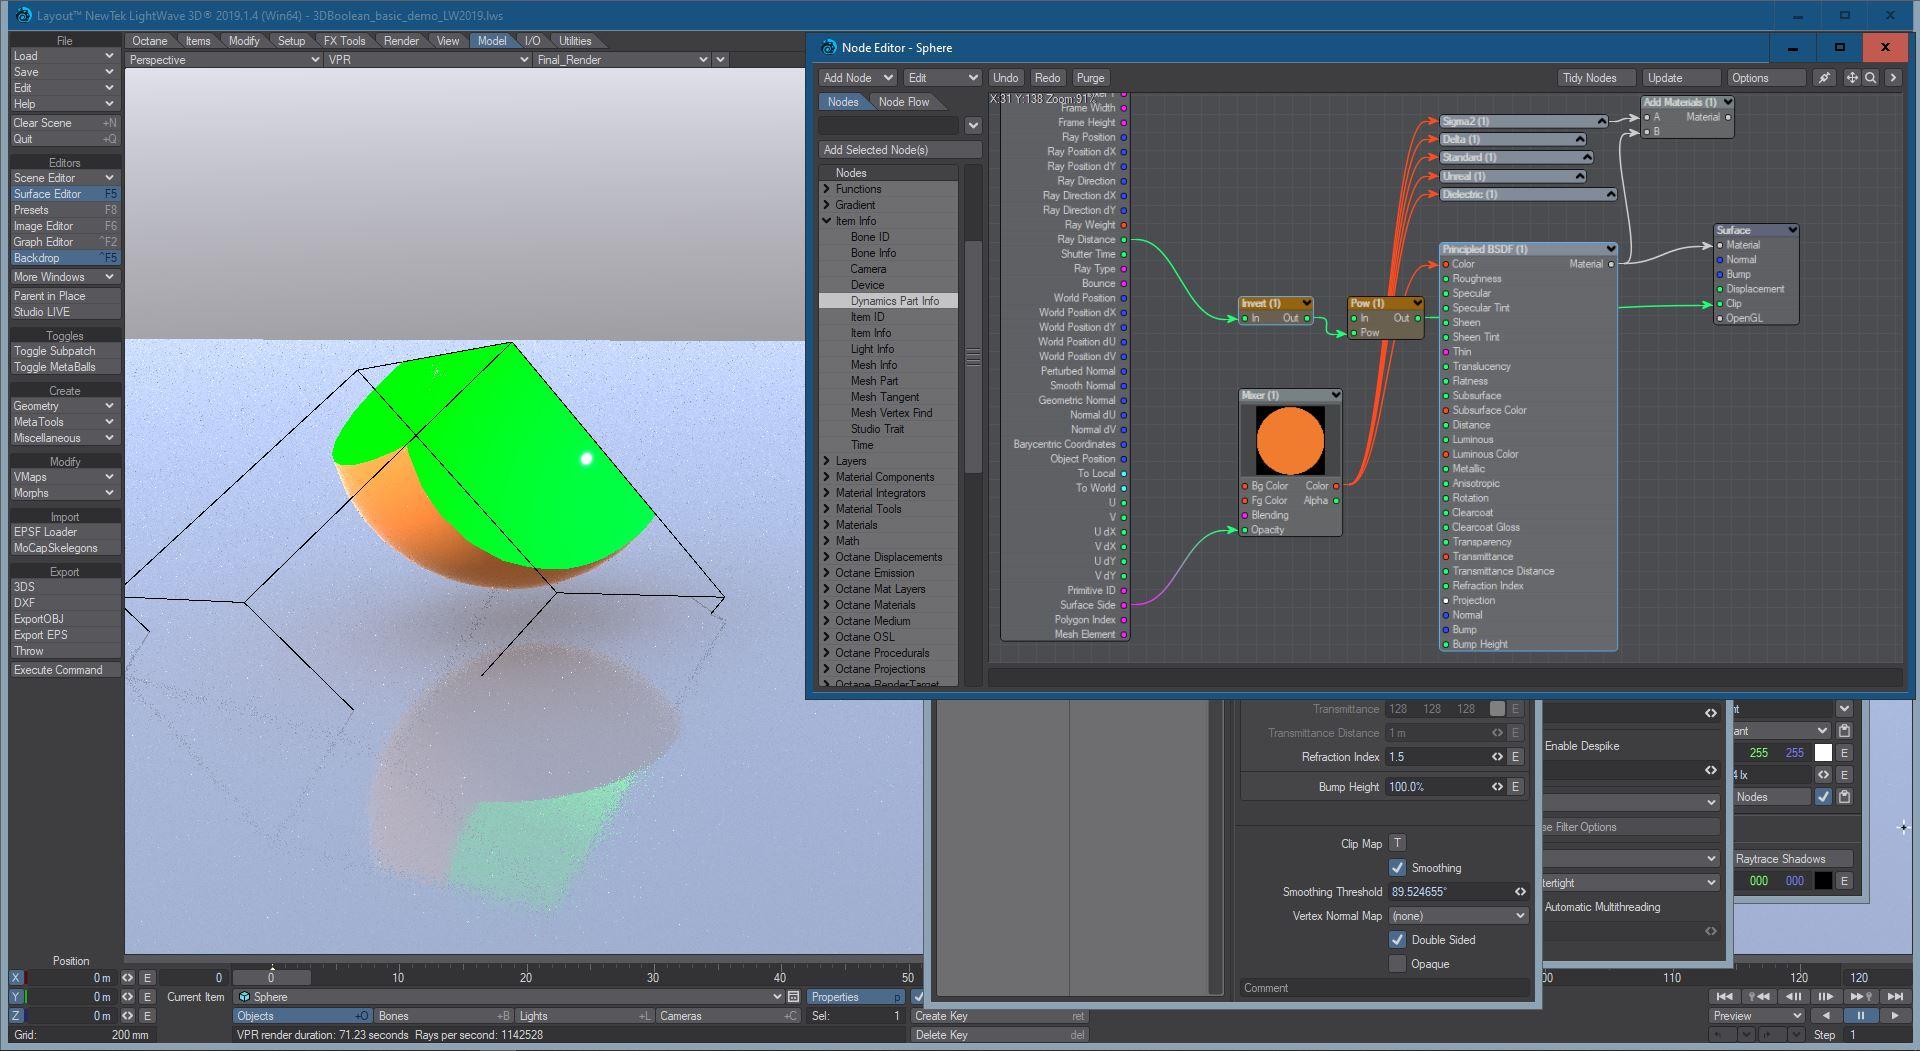 Nome: 2020-02-14 14_24_37-Layout™ NewTek LightWave 3D® 2019.1.4 (Win64) - 3DBoolean_basic_demo_LW2019..jpg Visite: 110 Dimensione: 262.1 KB